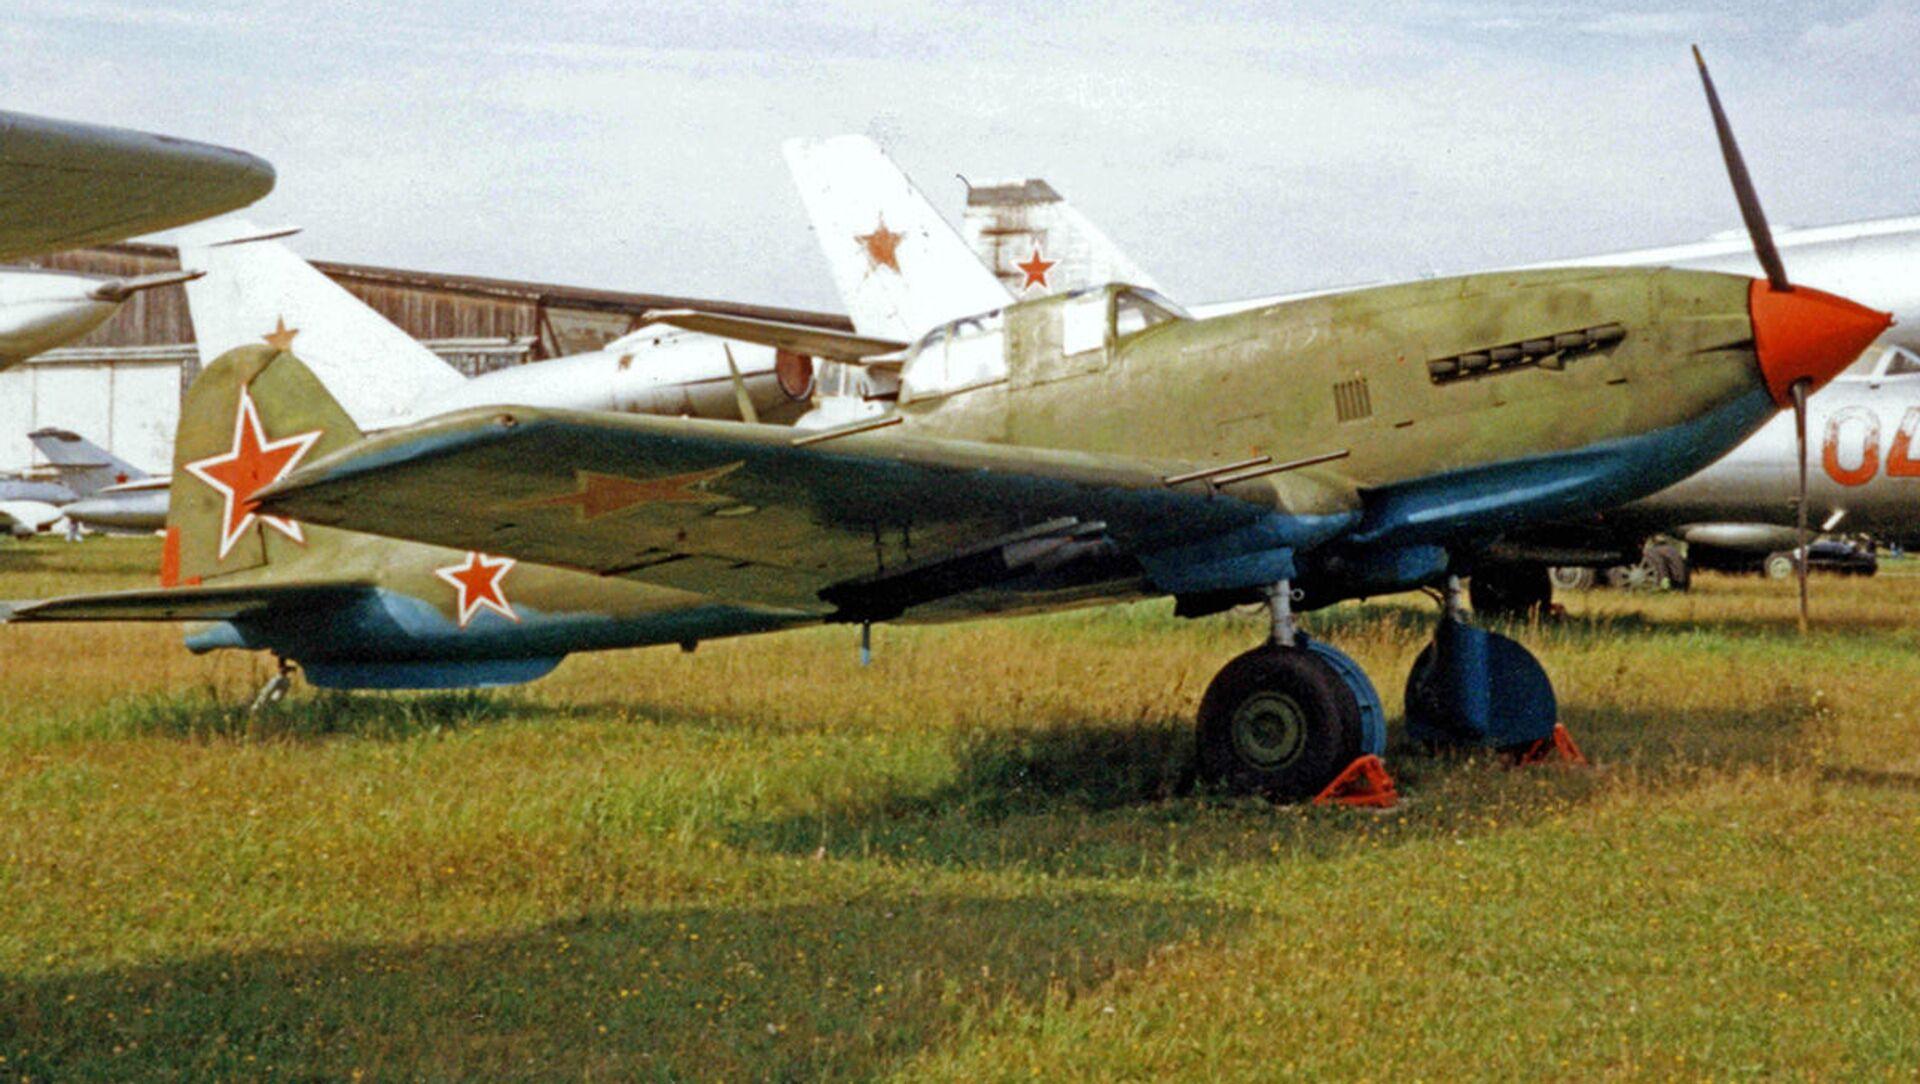 Chiếc máy bay Xô-viết Il-10M. - Sputnik Việt Nam, 1920, 02.06.2021